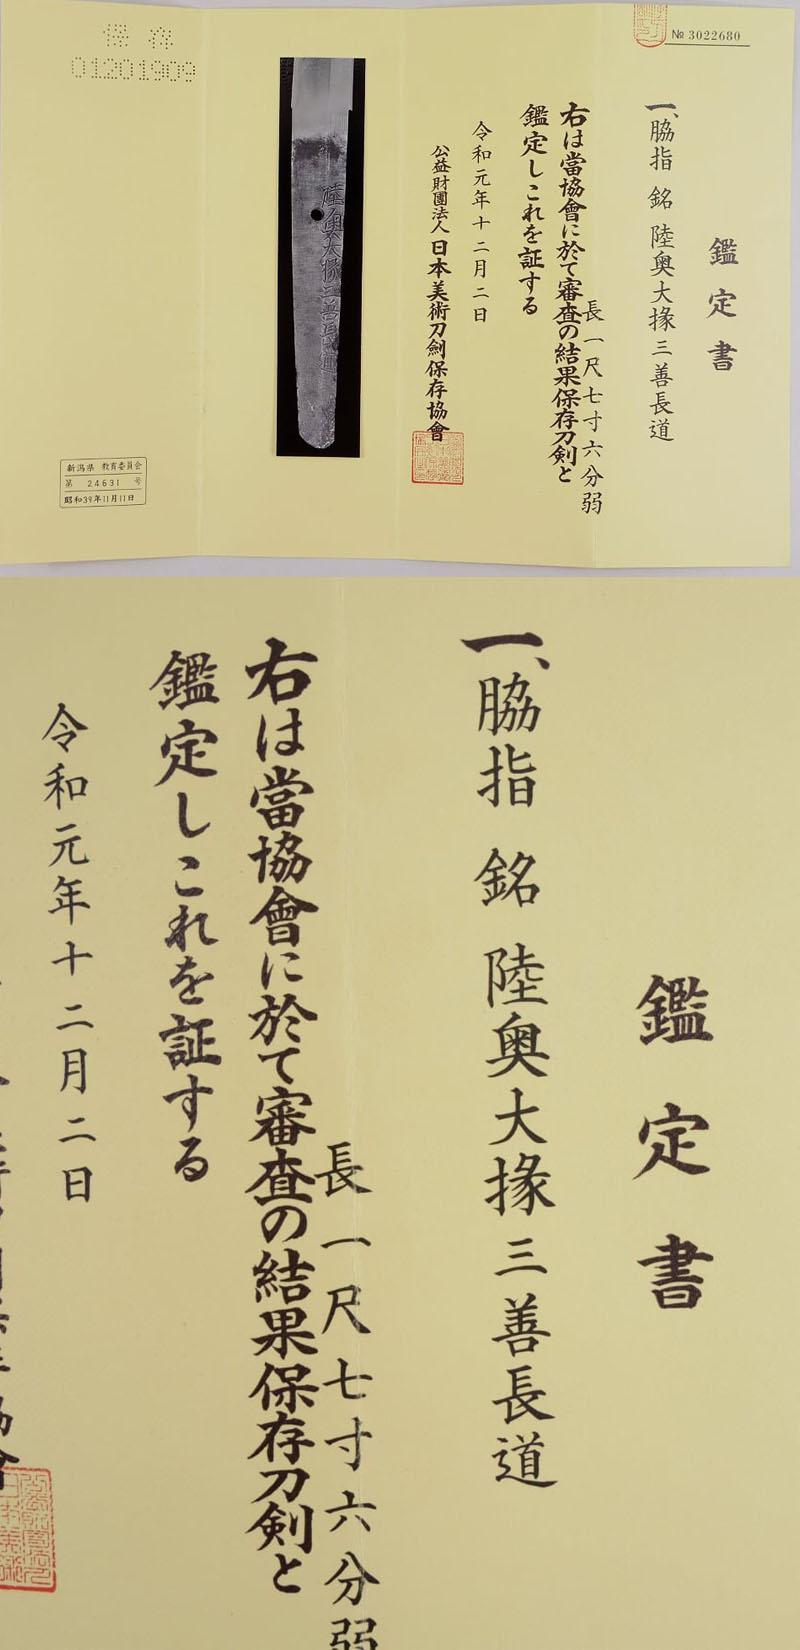 脇差 陸奥大掾三善長道(初代三善長道)(最上大業物) Picture of Certificate